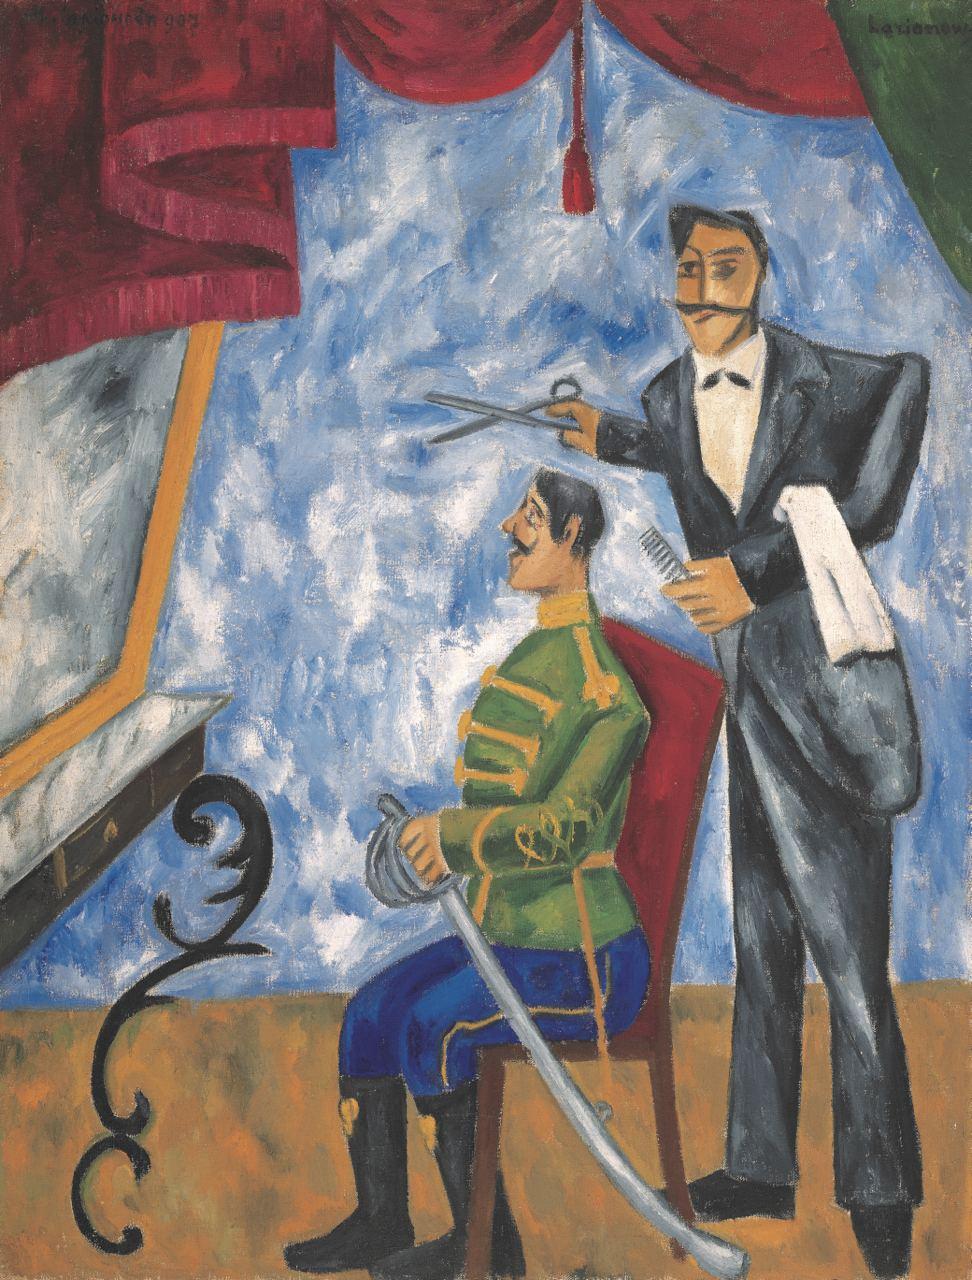 Ларионов Михаил. Офицерский парикмахер. 1907-1909. Галерея «Альбертина», Вена.